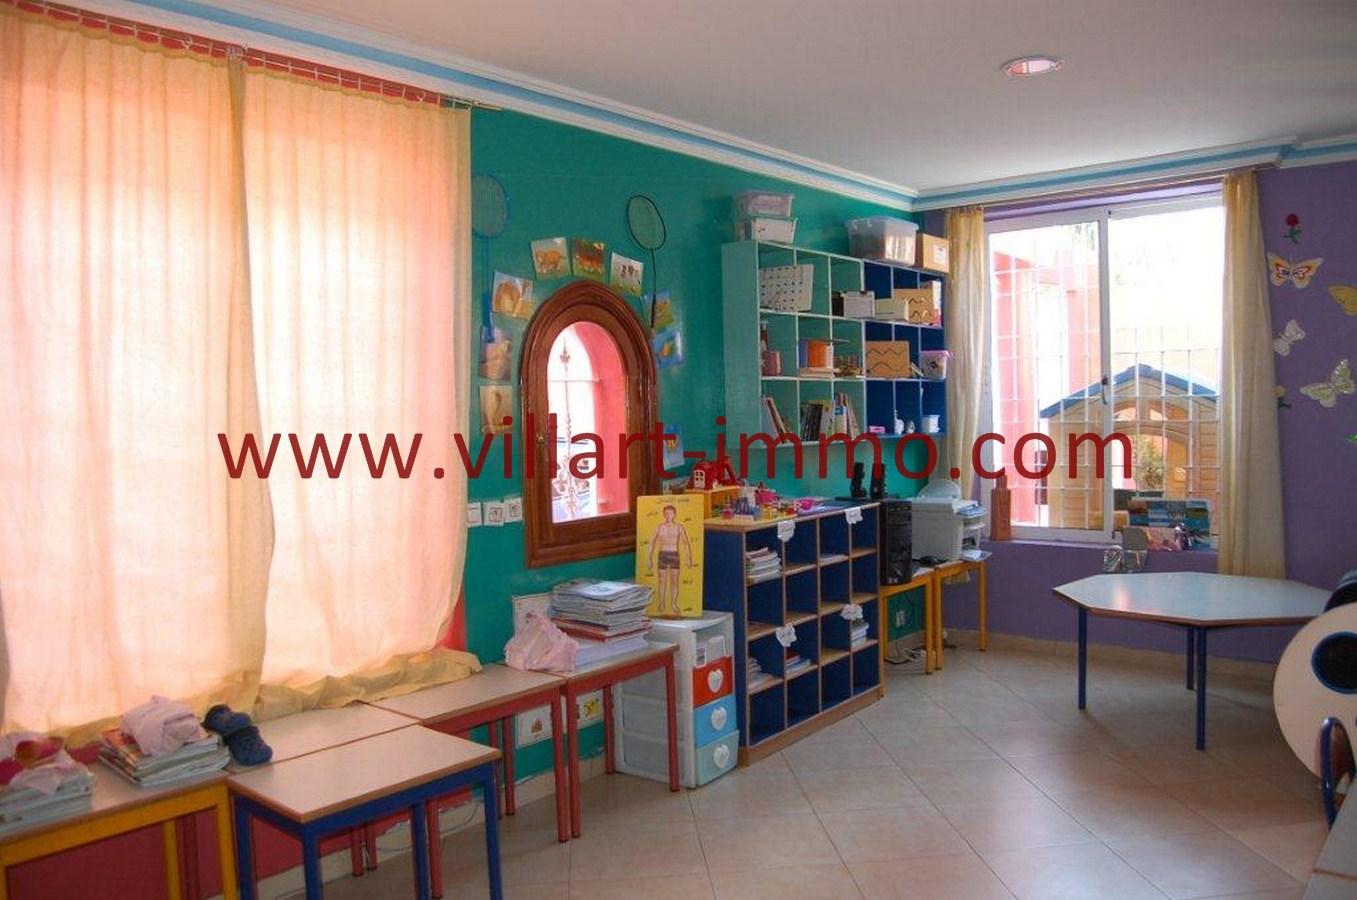 5-Vente-Villa-Tanger-Mojahidin-Salon 5-VV512-Villart Imm